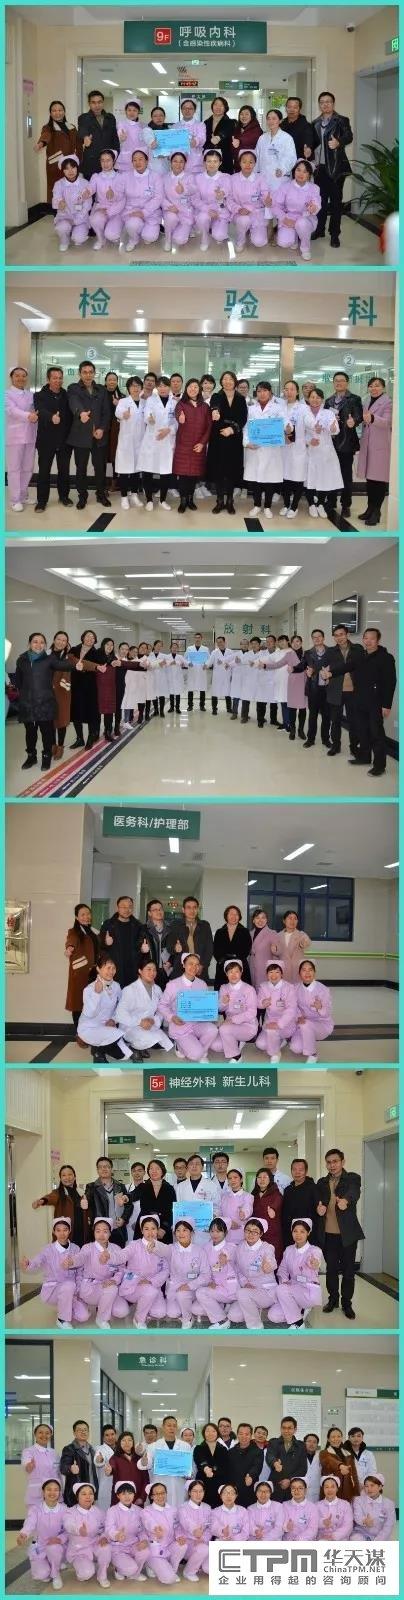 汝城县人民医院6S精益管理工作旗开得胜